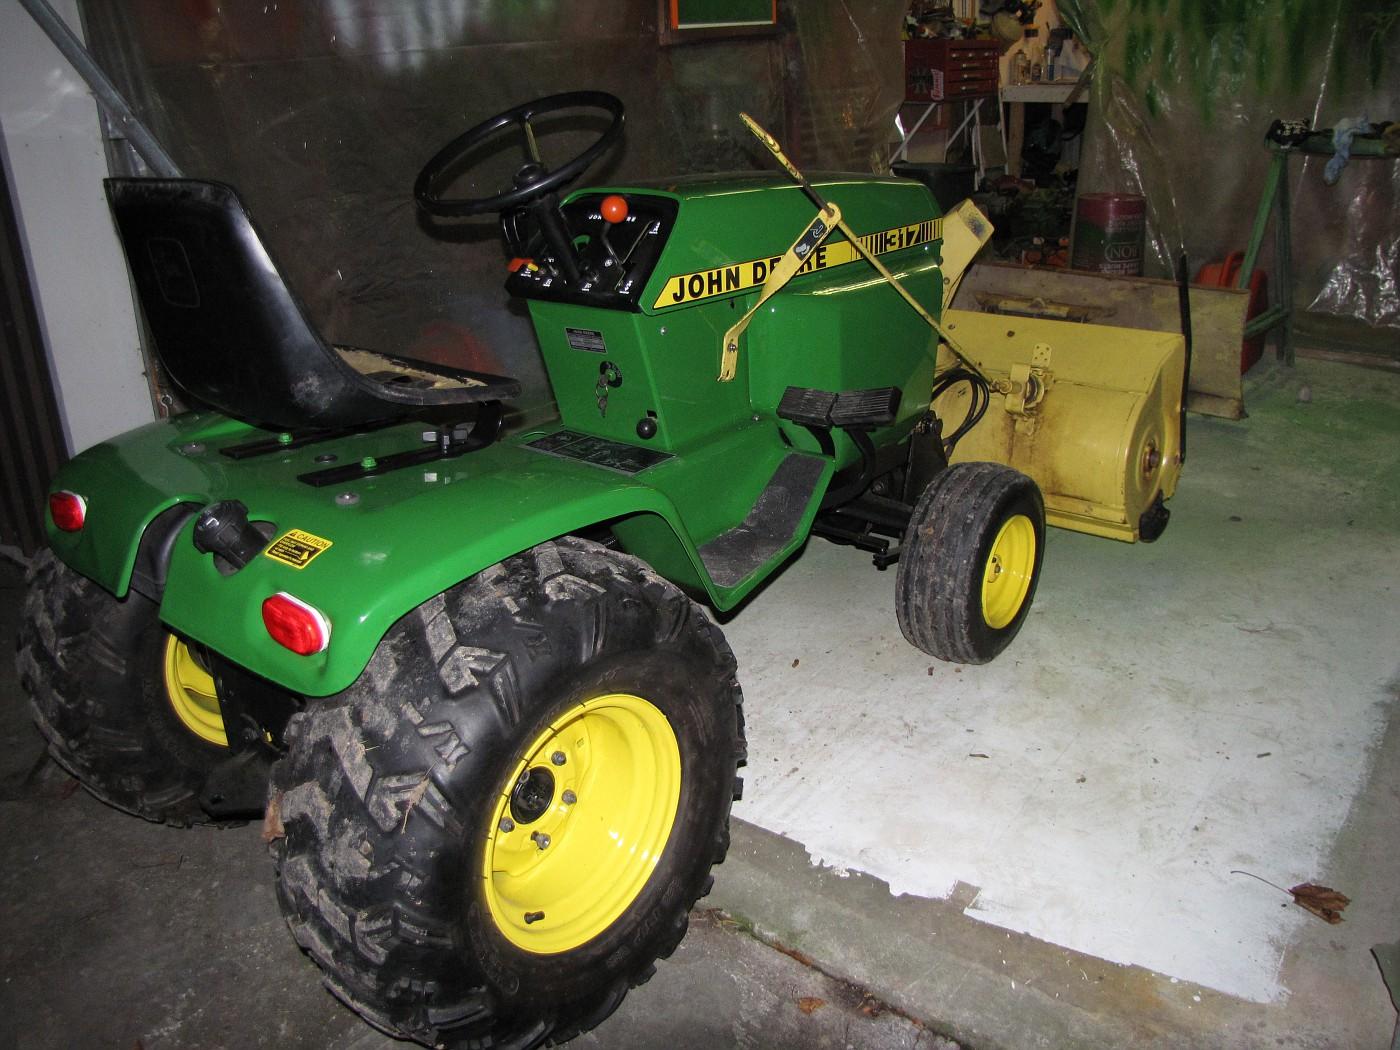 john deere 317 lawn tractor wiring diagram john deere 317 tractor schematics john free engine image #3